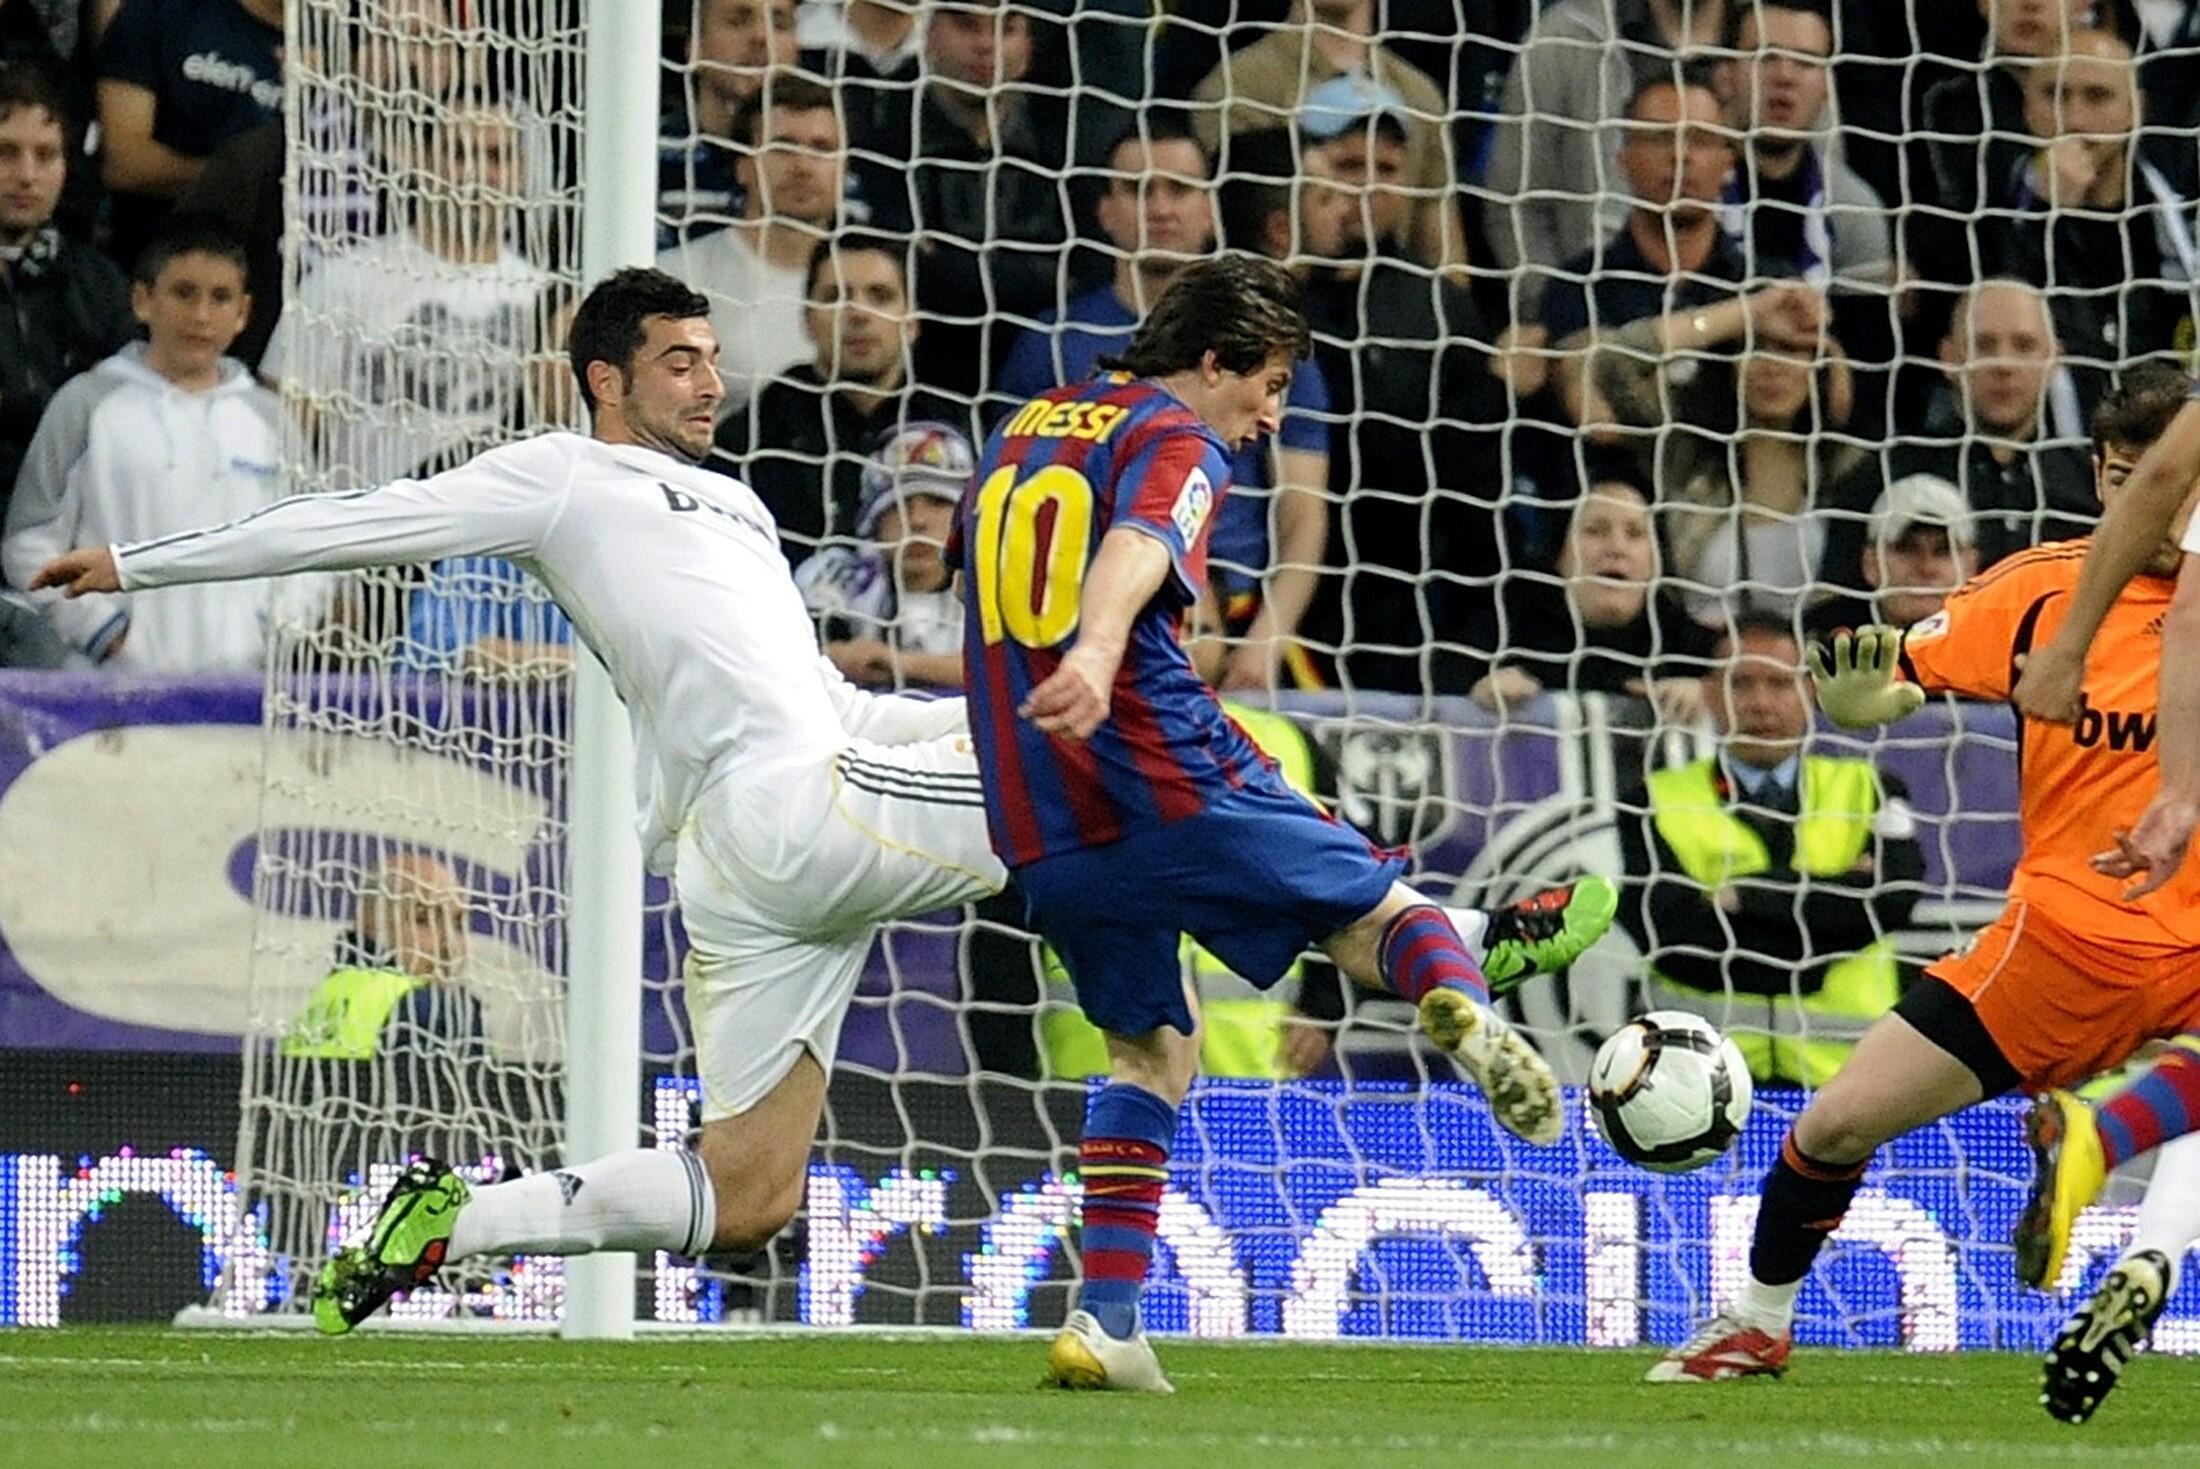 Lionel Messi contrôle et marque, 1-0 pour le Barça.